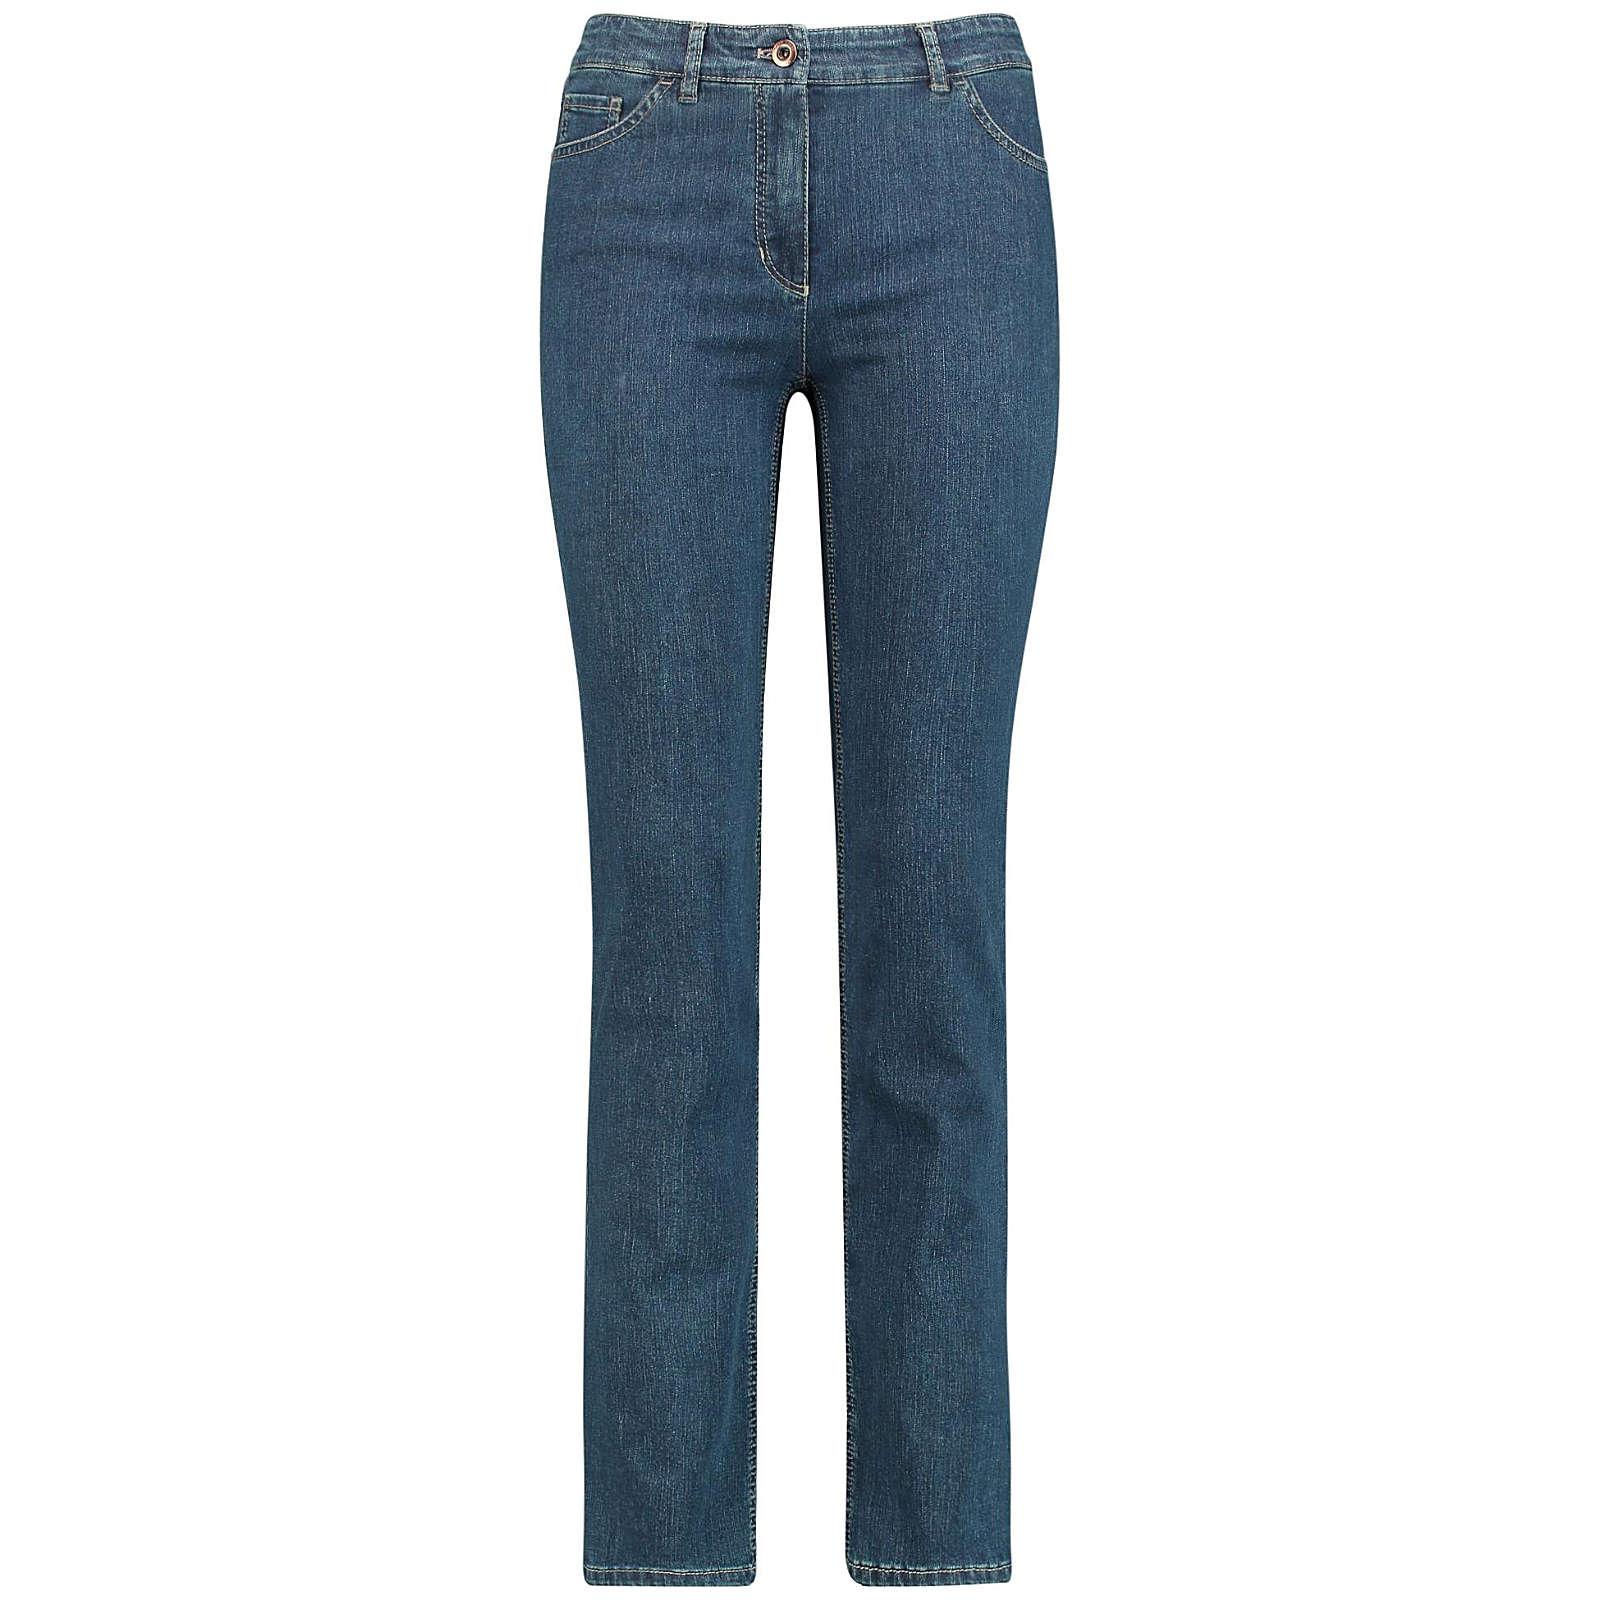 Gerry Weber Hose Jeans lang 5-Pocket Jeans Straight Fit Romy dark blue denim Damen Gr. 46